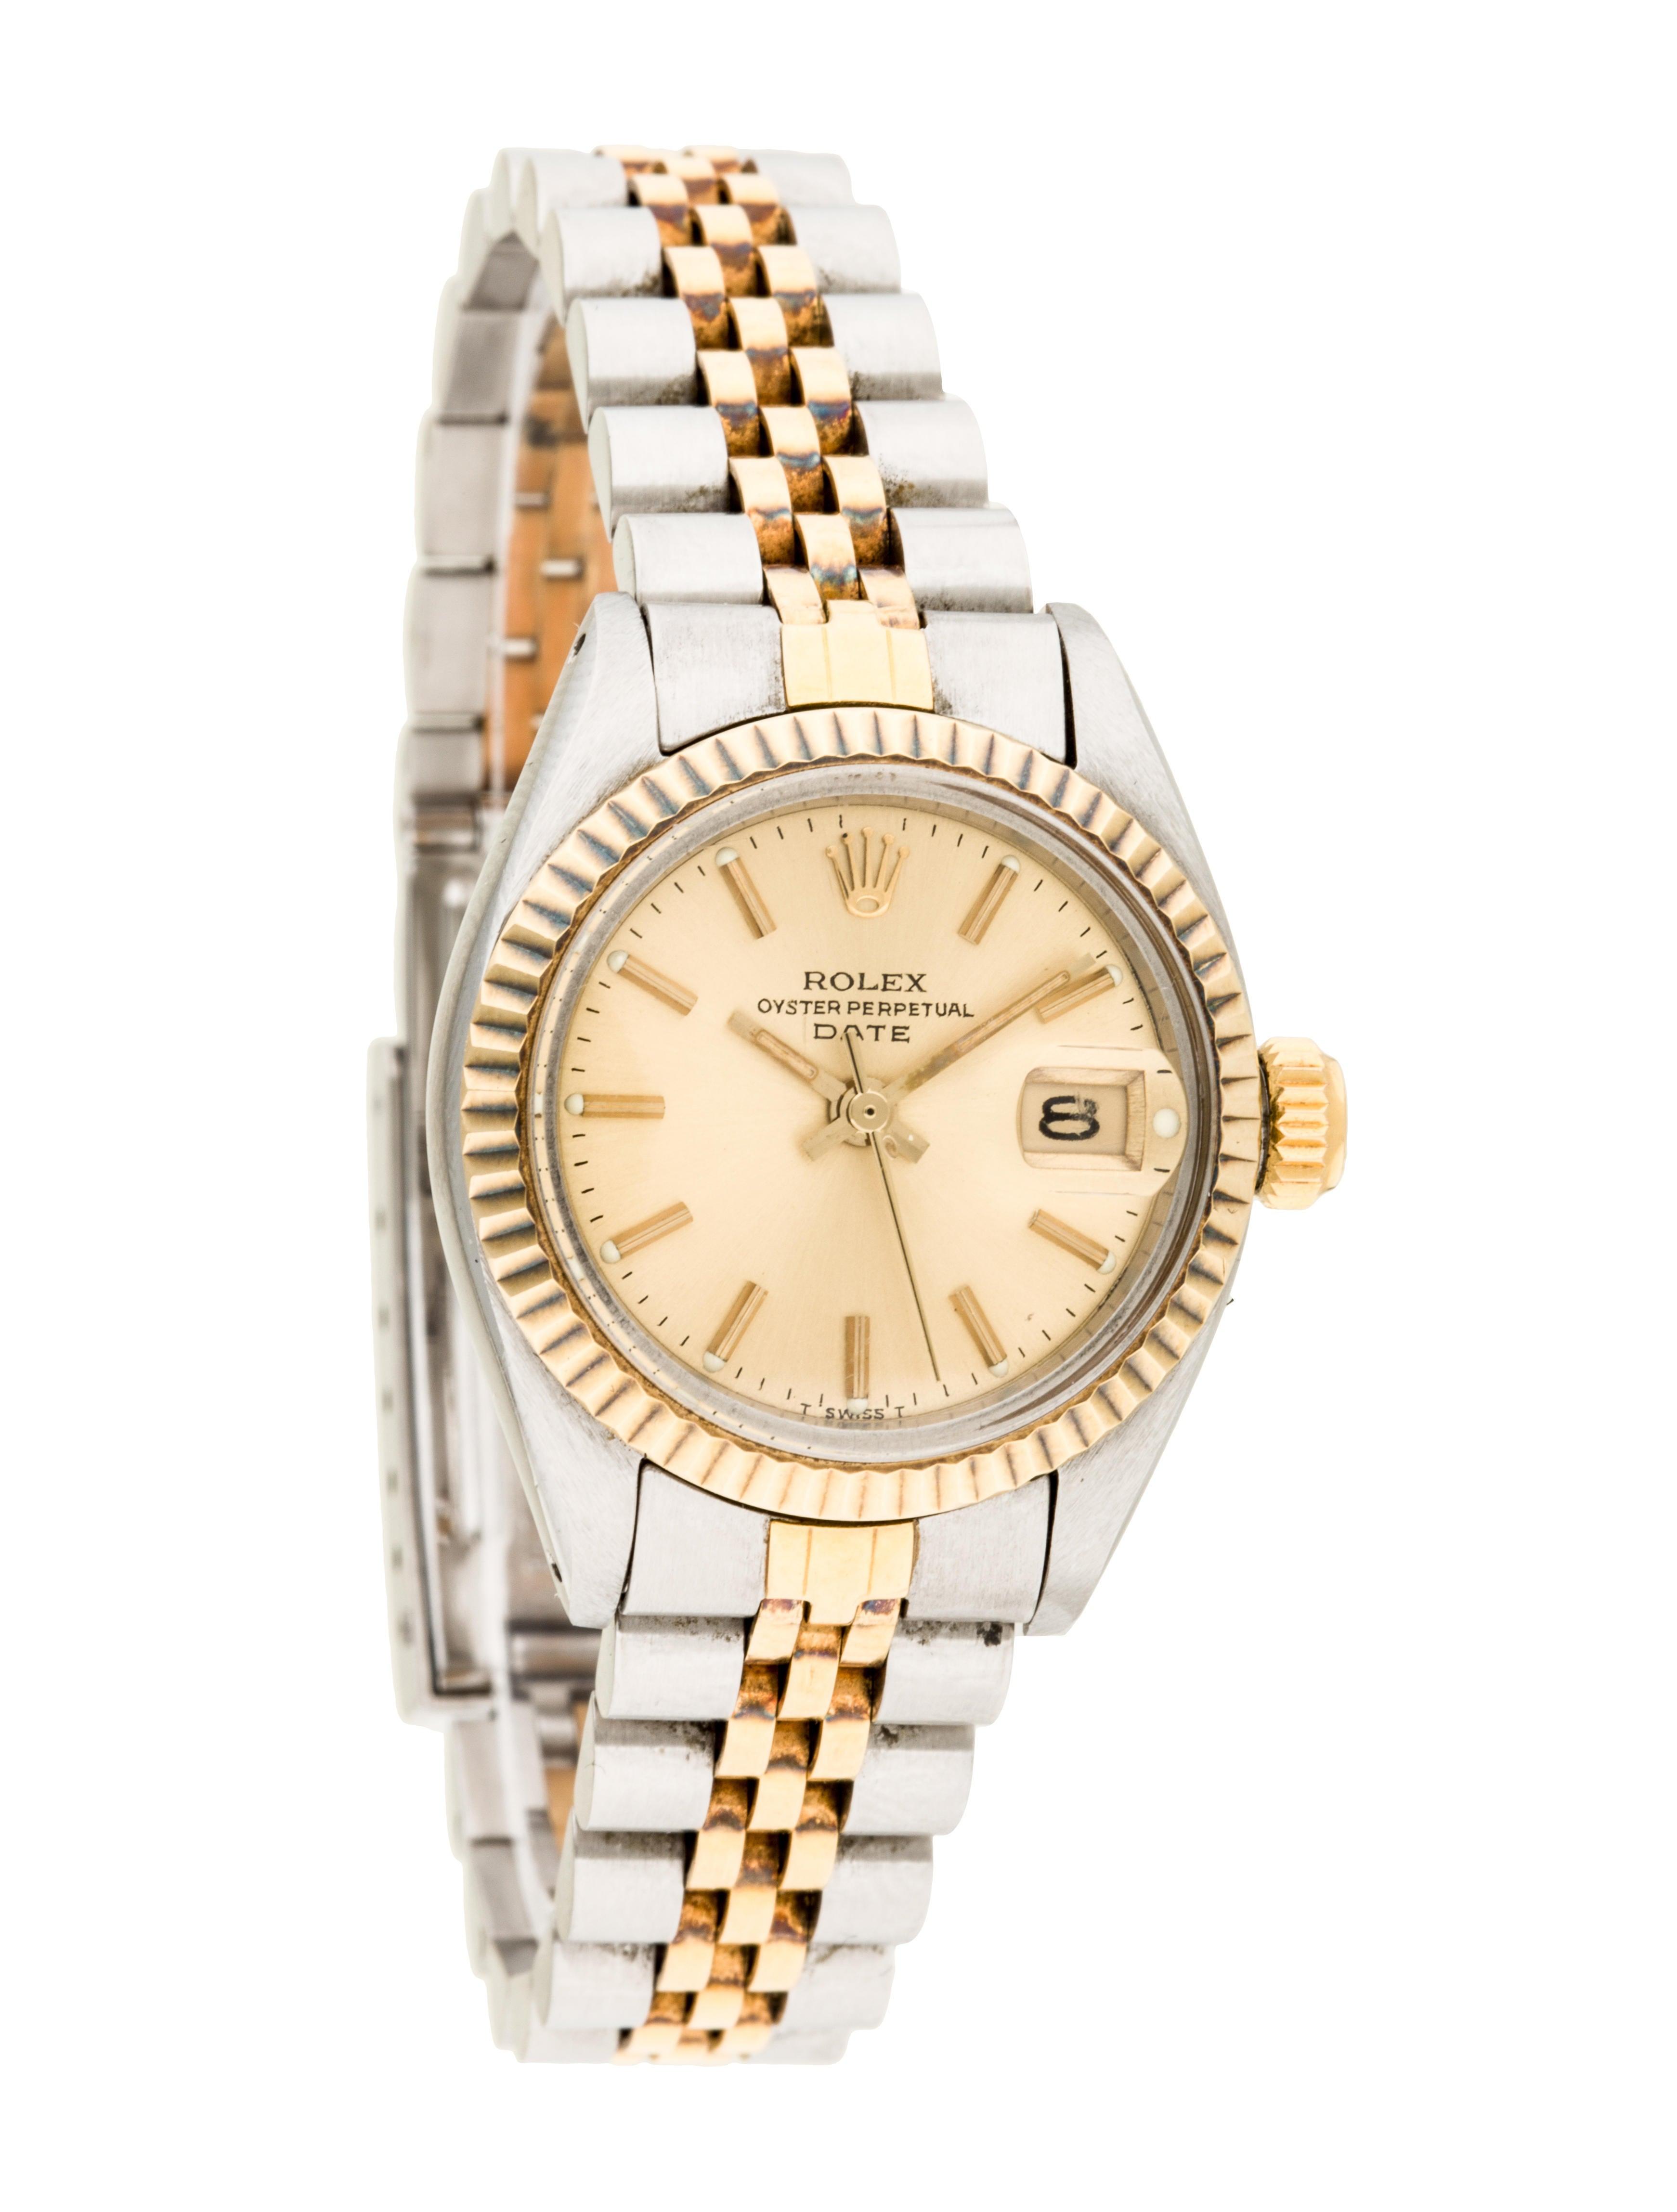 dating bracelet Designer selection of 14kt 18kt gold italian links bracelets for women shop for beautiful gold bracelets.